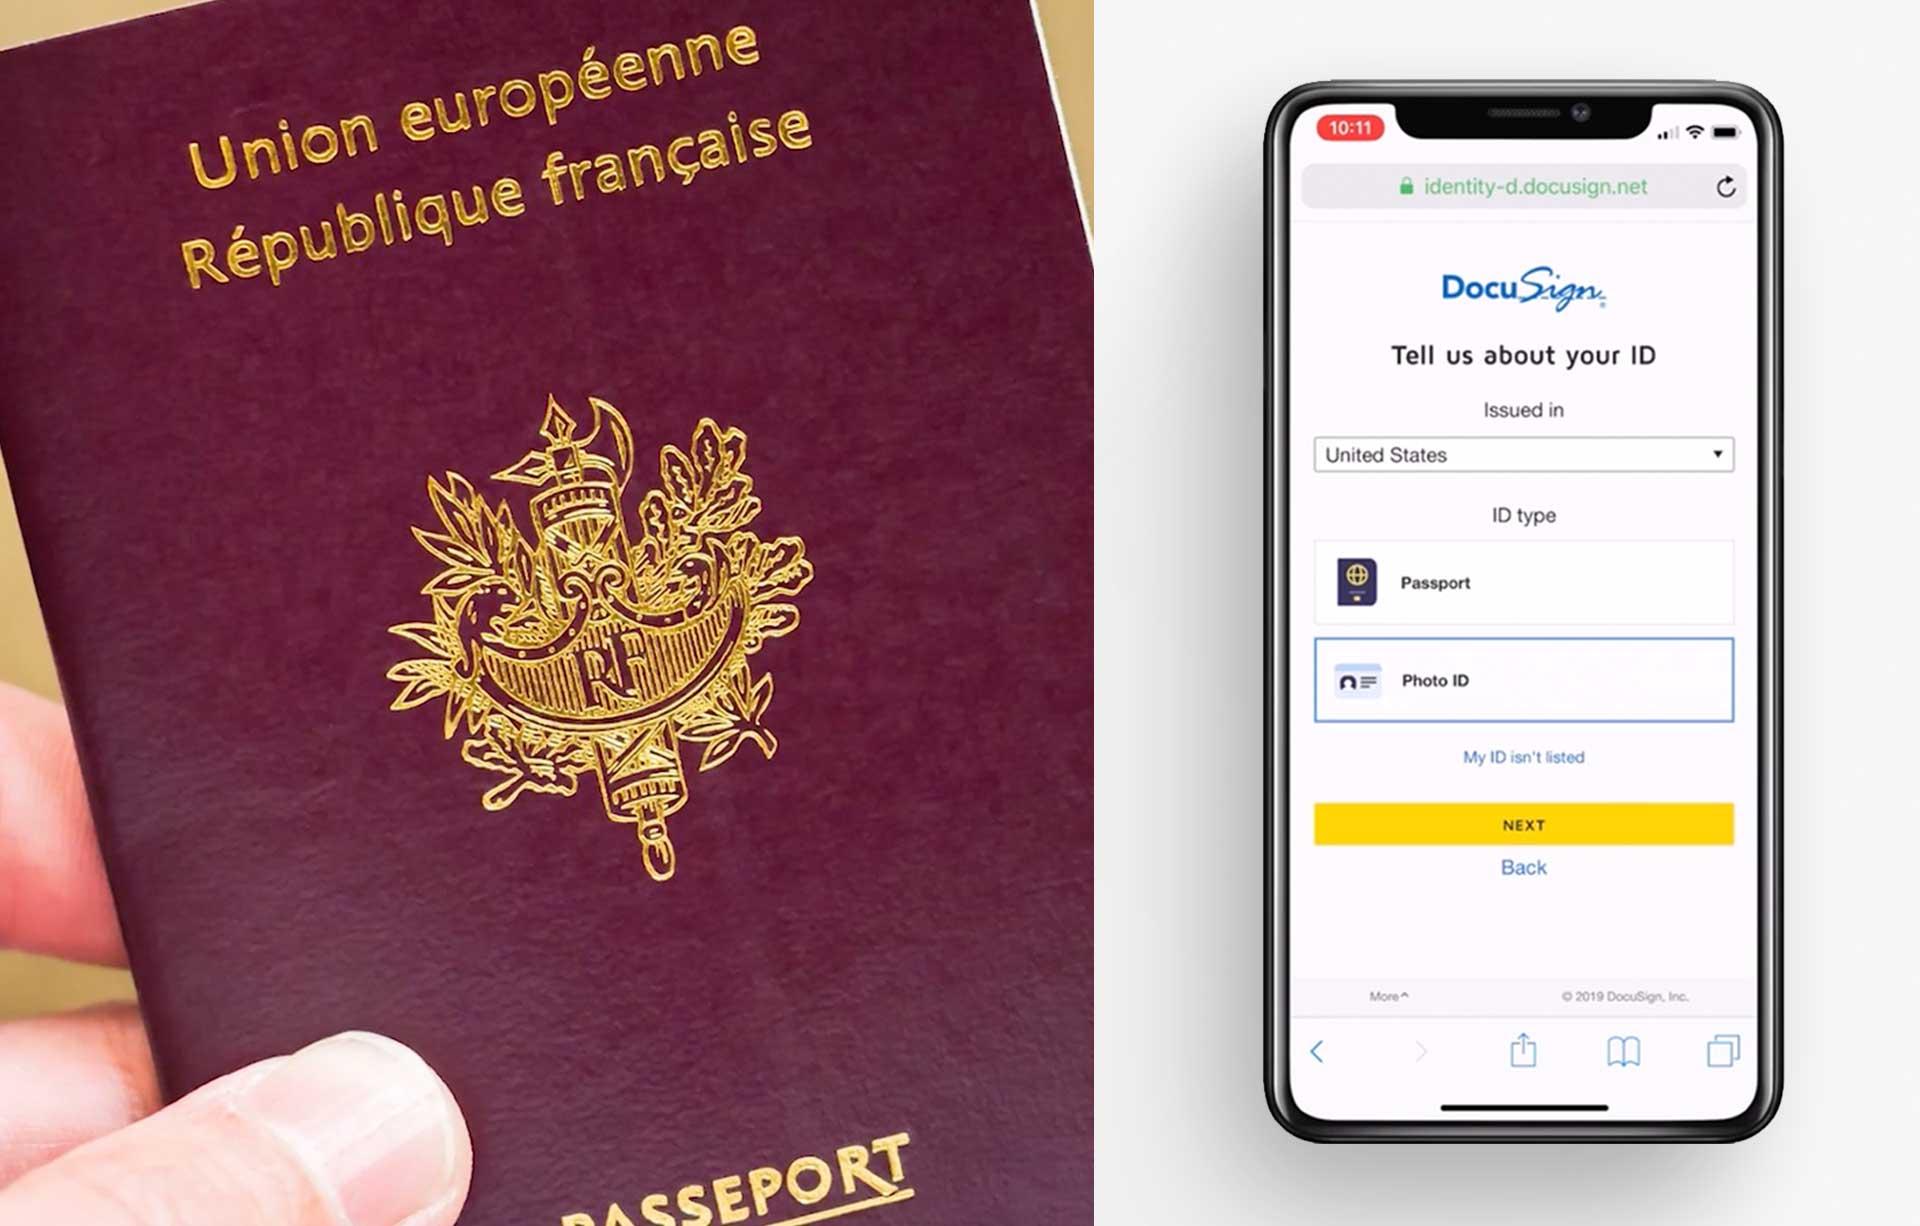 Zwei Smartphones, eines mit Anleitungen zum Hochladen des Ausweises und das andere für die Angabe der Ausweisinformationen.